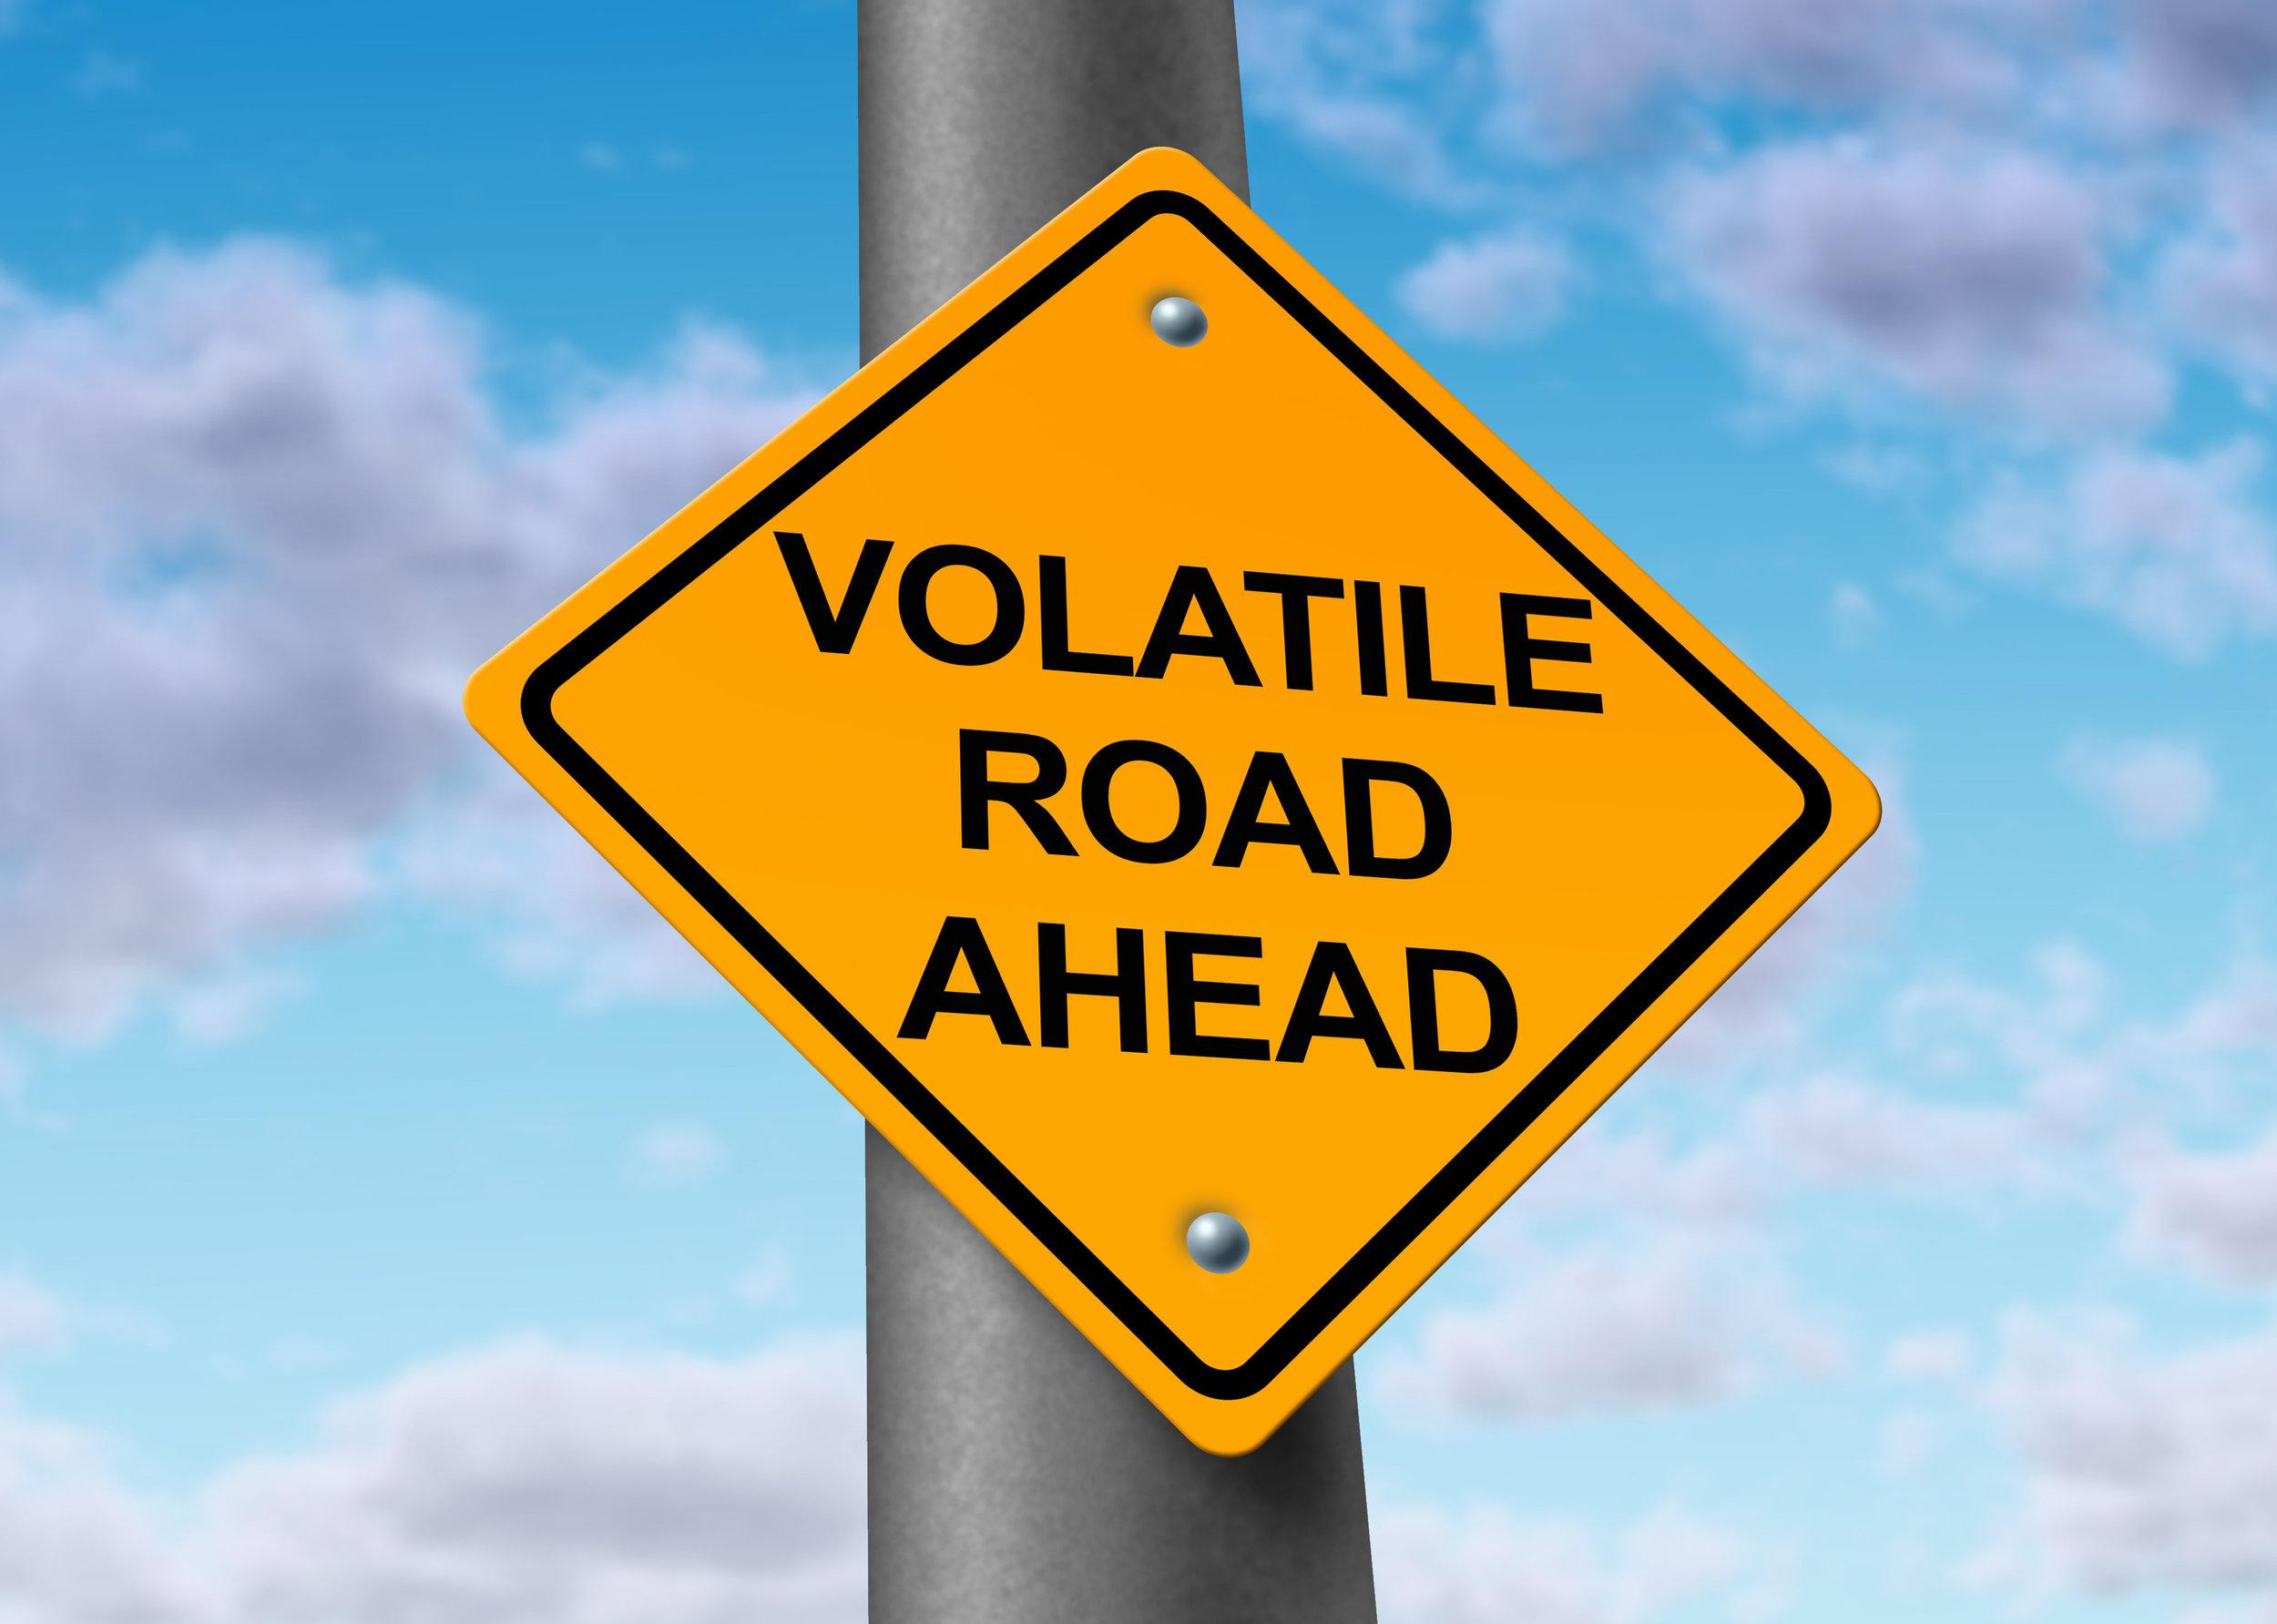 024324249-volatile-road-ahead.jpeg